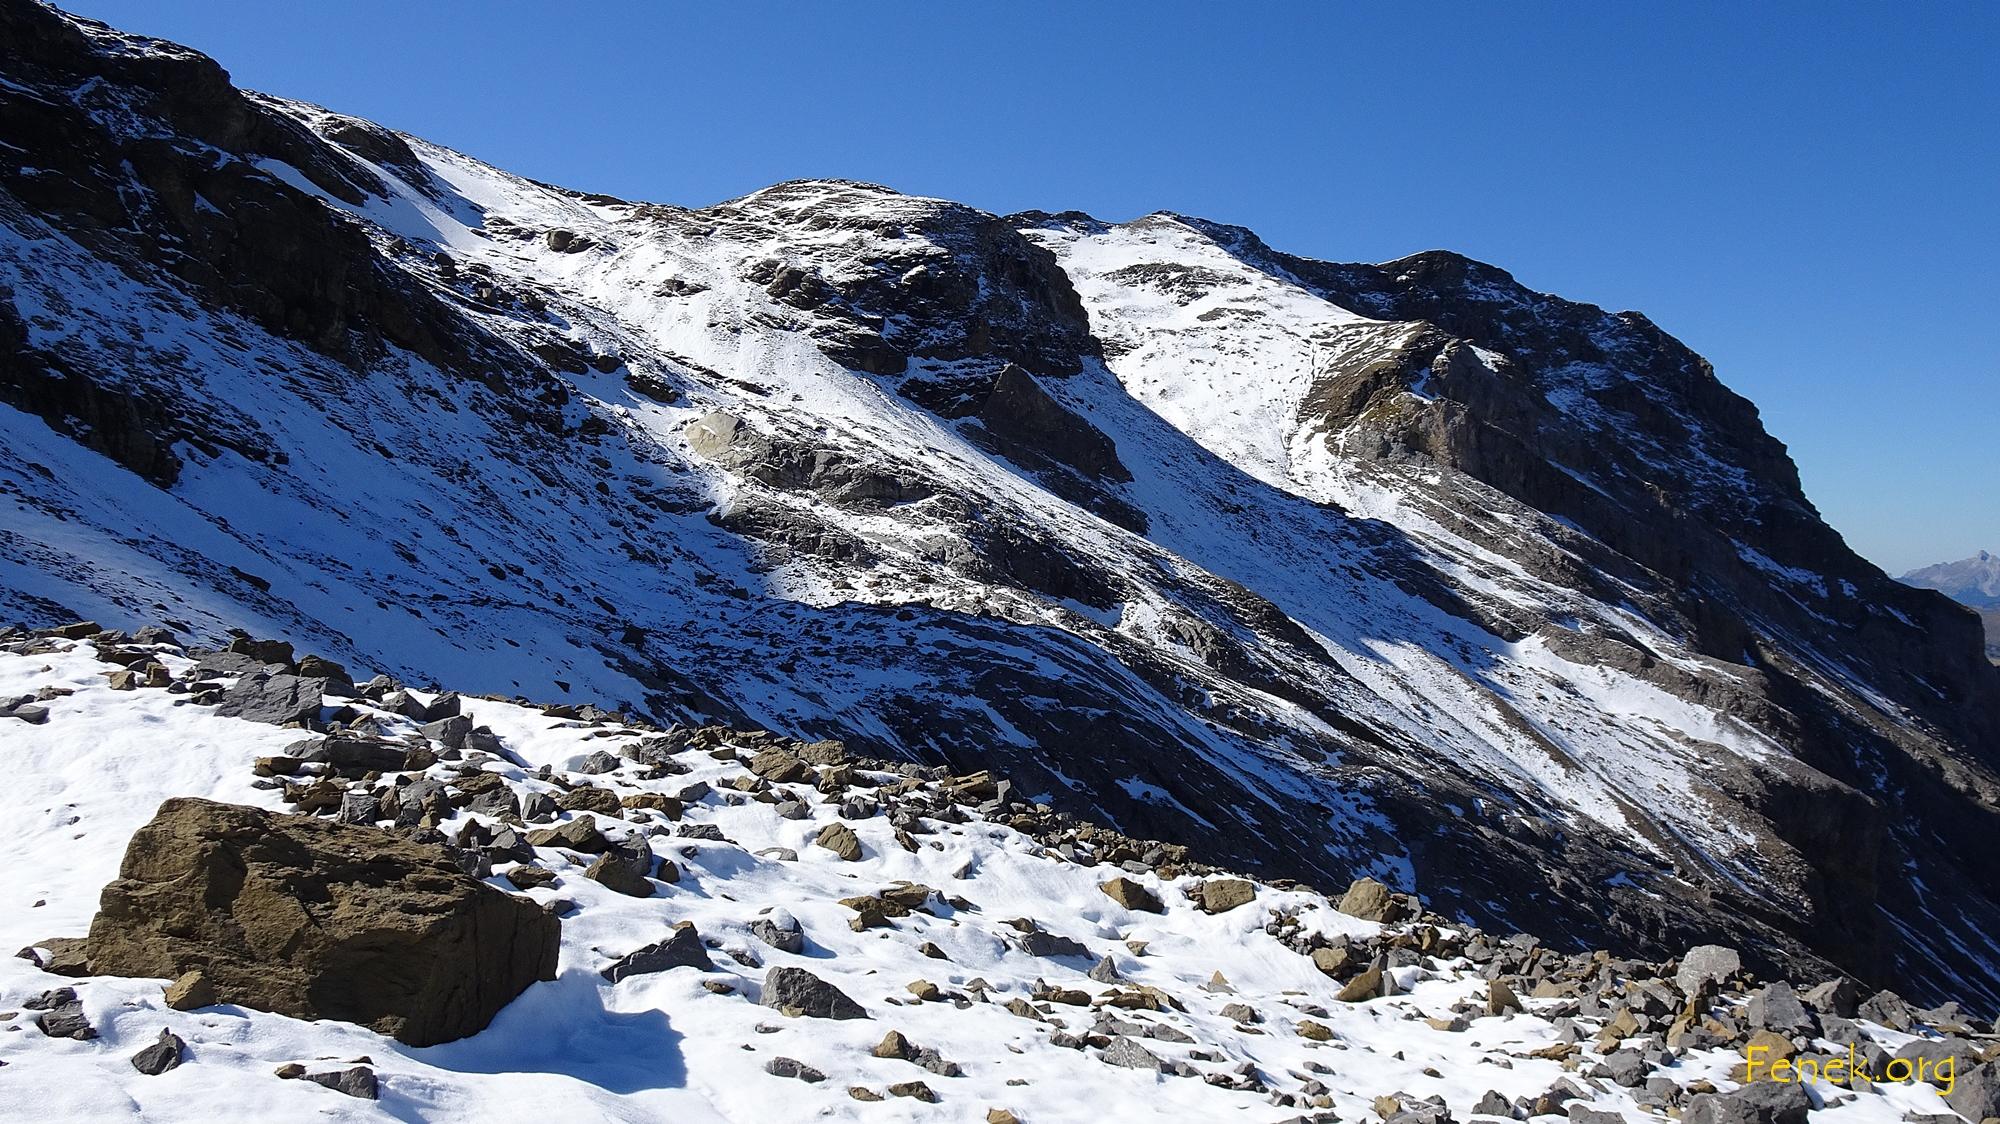 ganz rechts oben unser Gipfel - auf geht's!